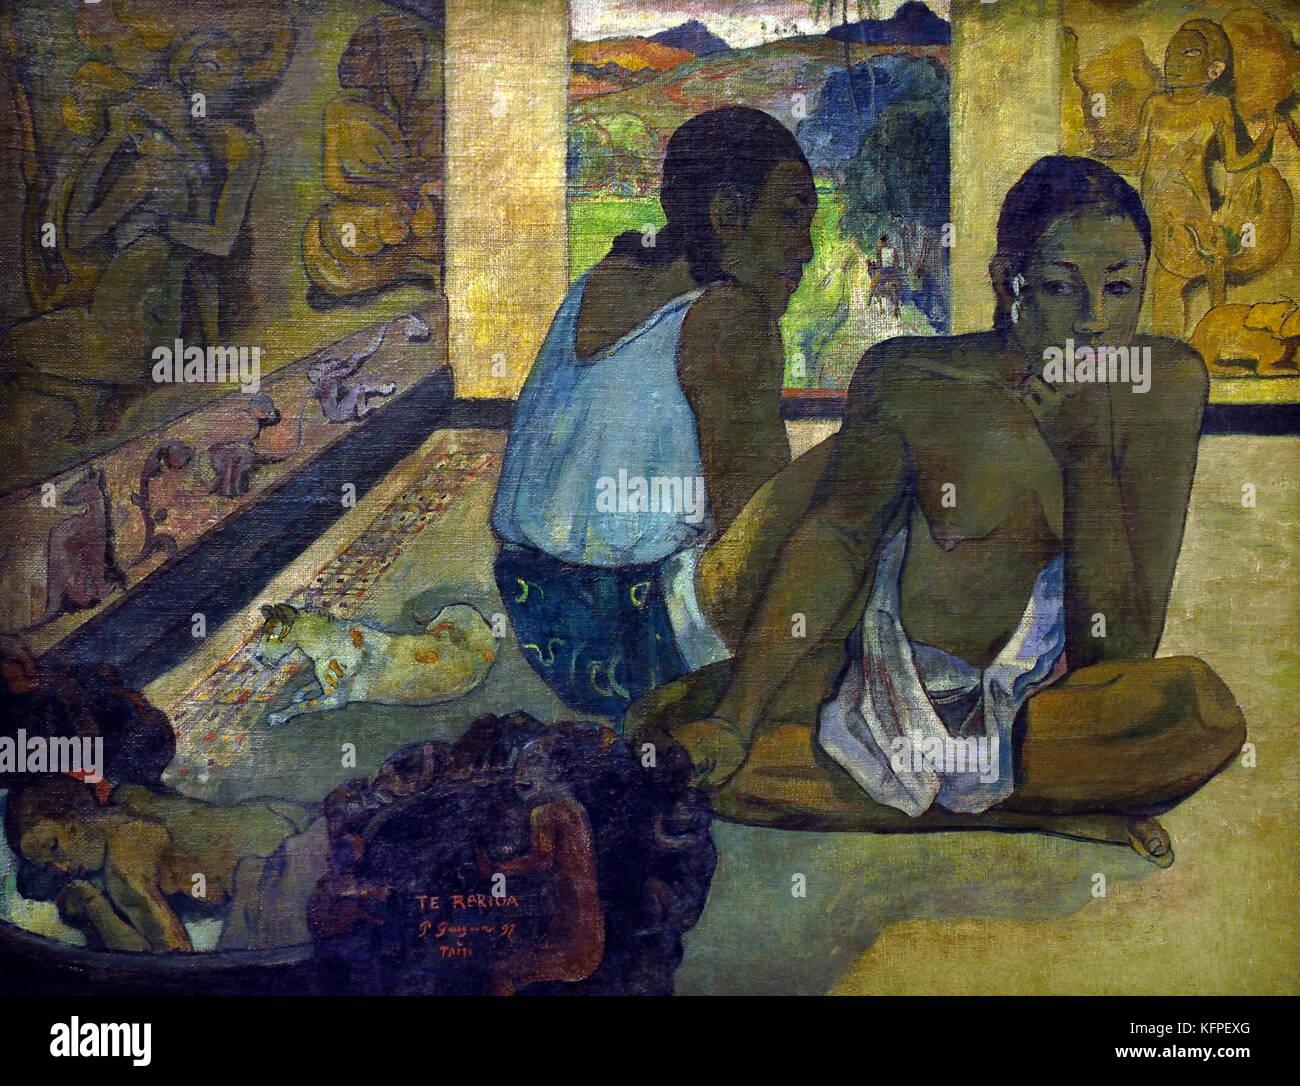 Te Rerioa (Le Reve) - Te Rerioa (sogno) 1897Paul Gauguin - Eugène Henri Paul Gauguin 1848 - 1903 era un francese Immagini Stock